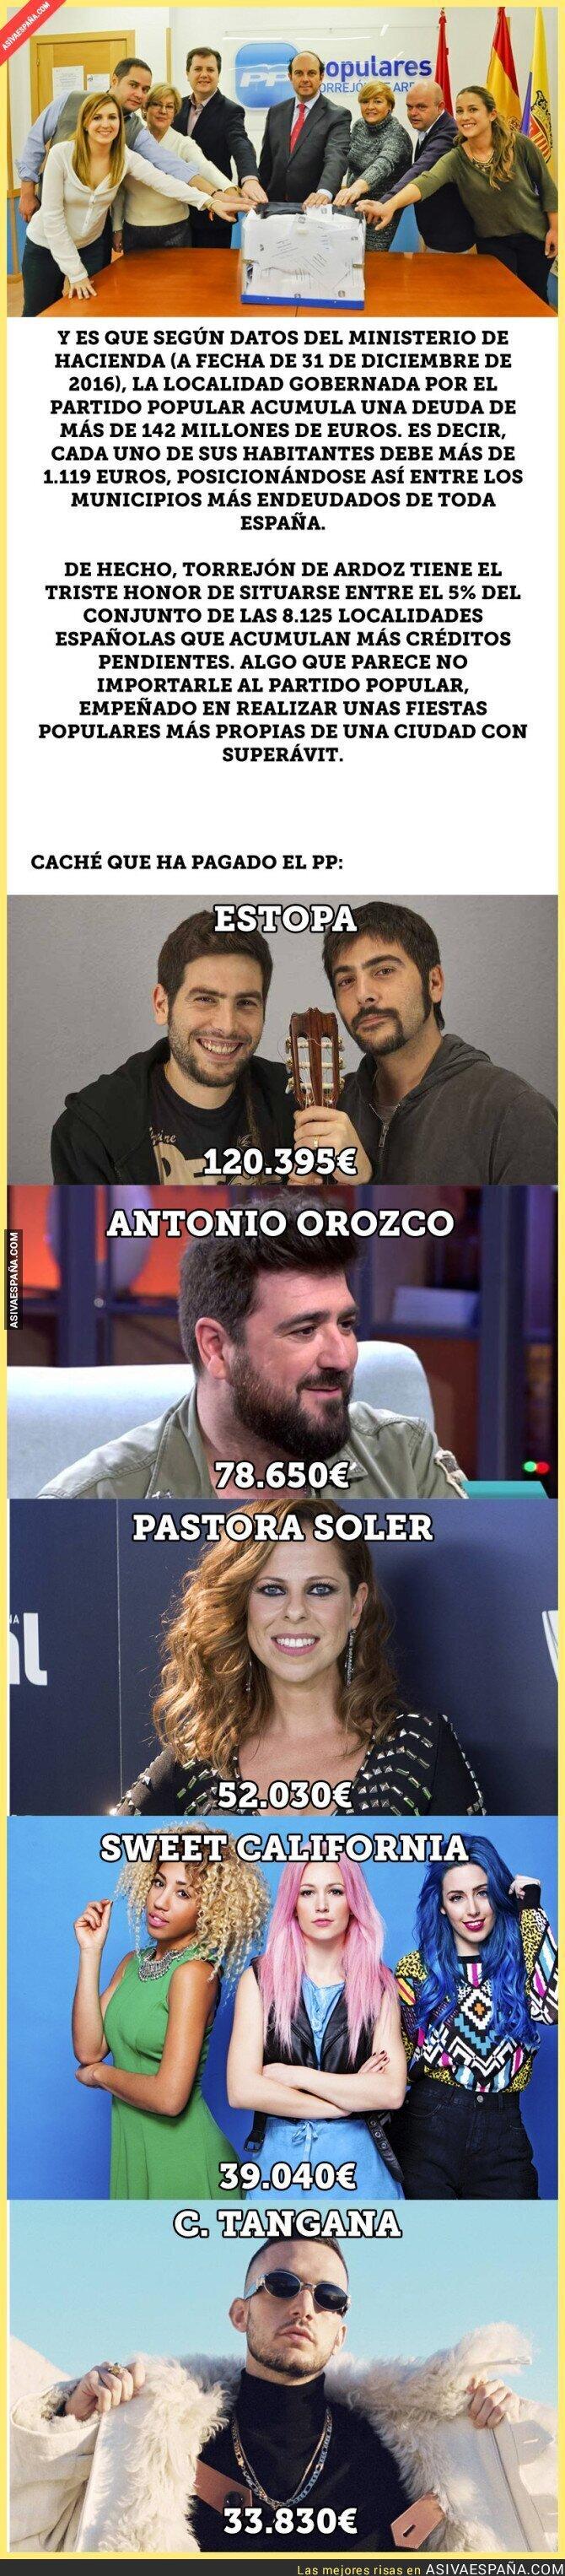 88863 - Sale a la luz la millonada que ha pagado el Partido Popular de Torrejón de Ardoz a varios artistas por conciertos